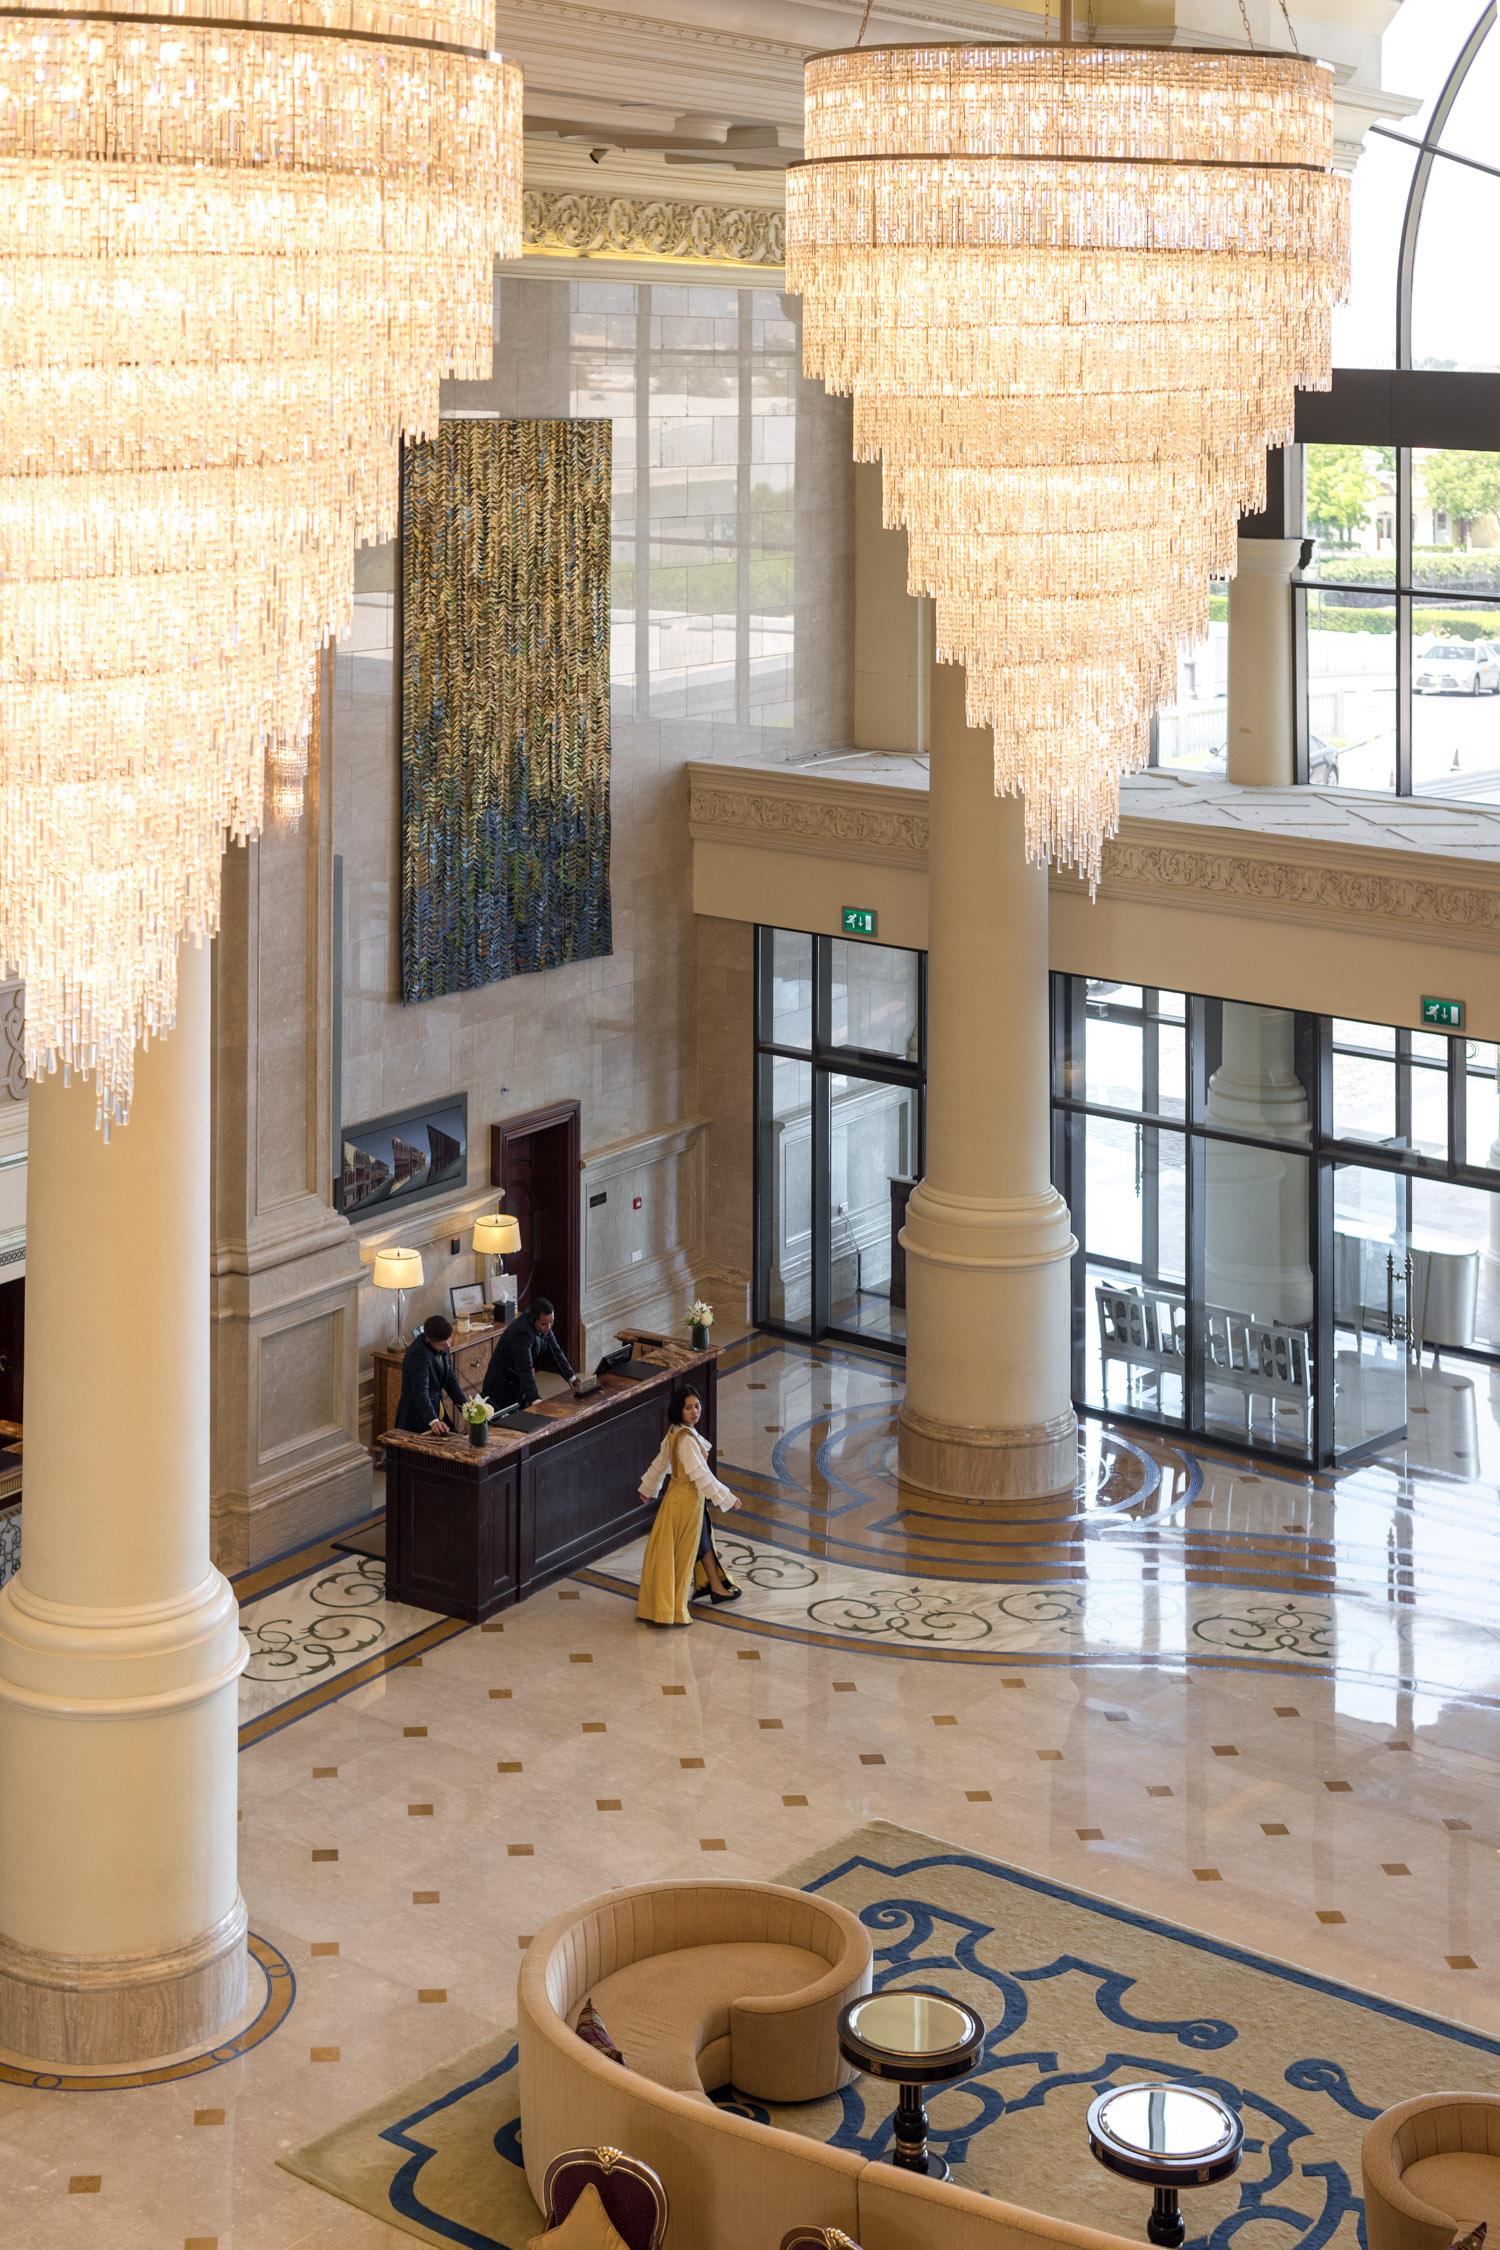 Abu_Dhabi-580-20180420.jpg